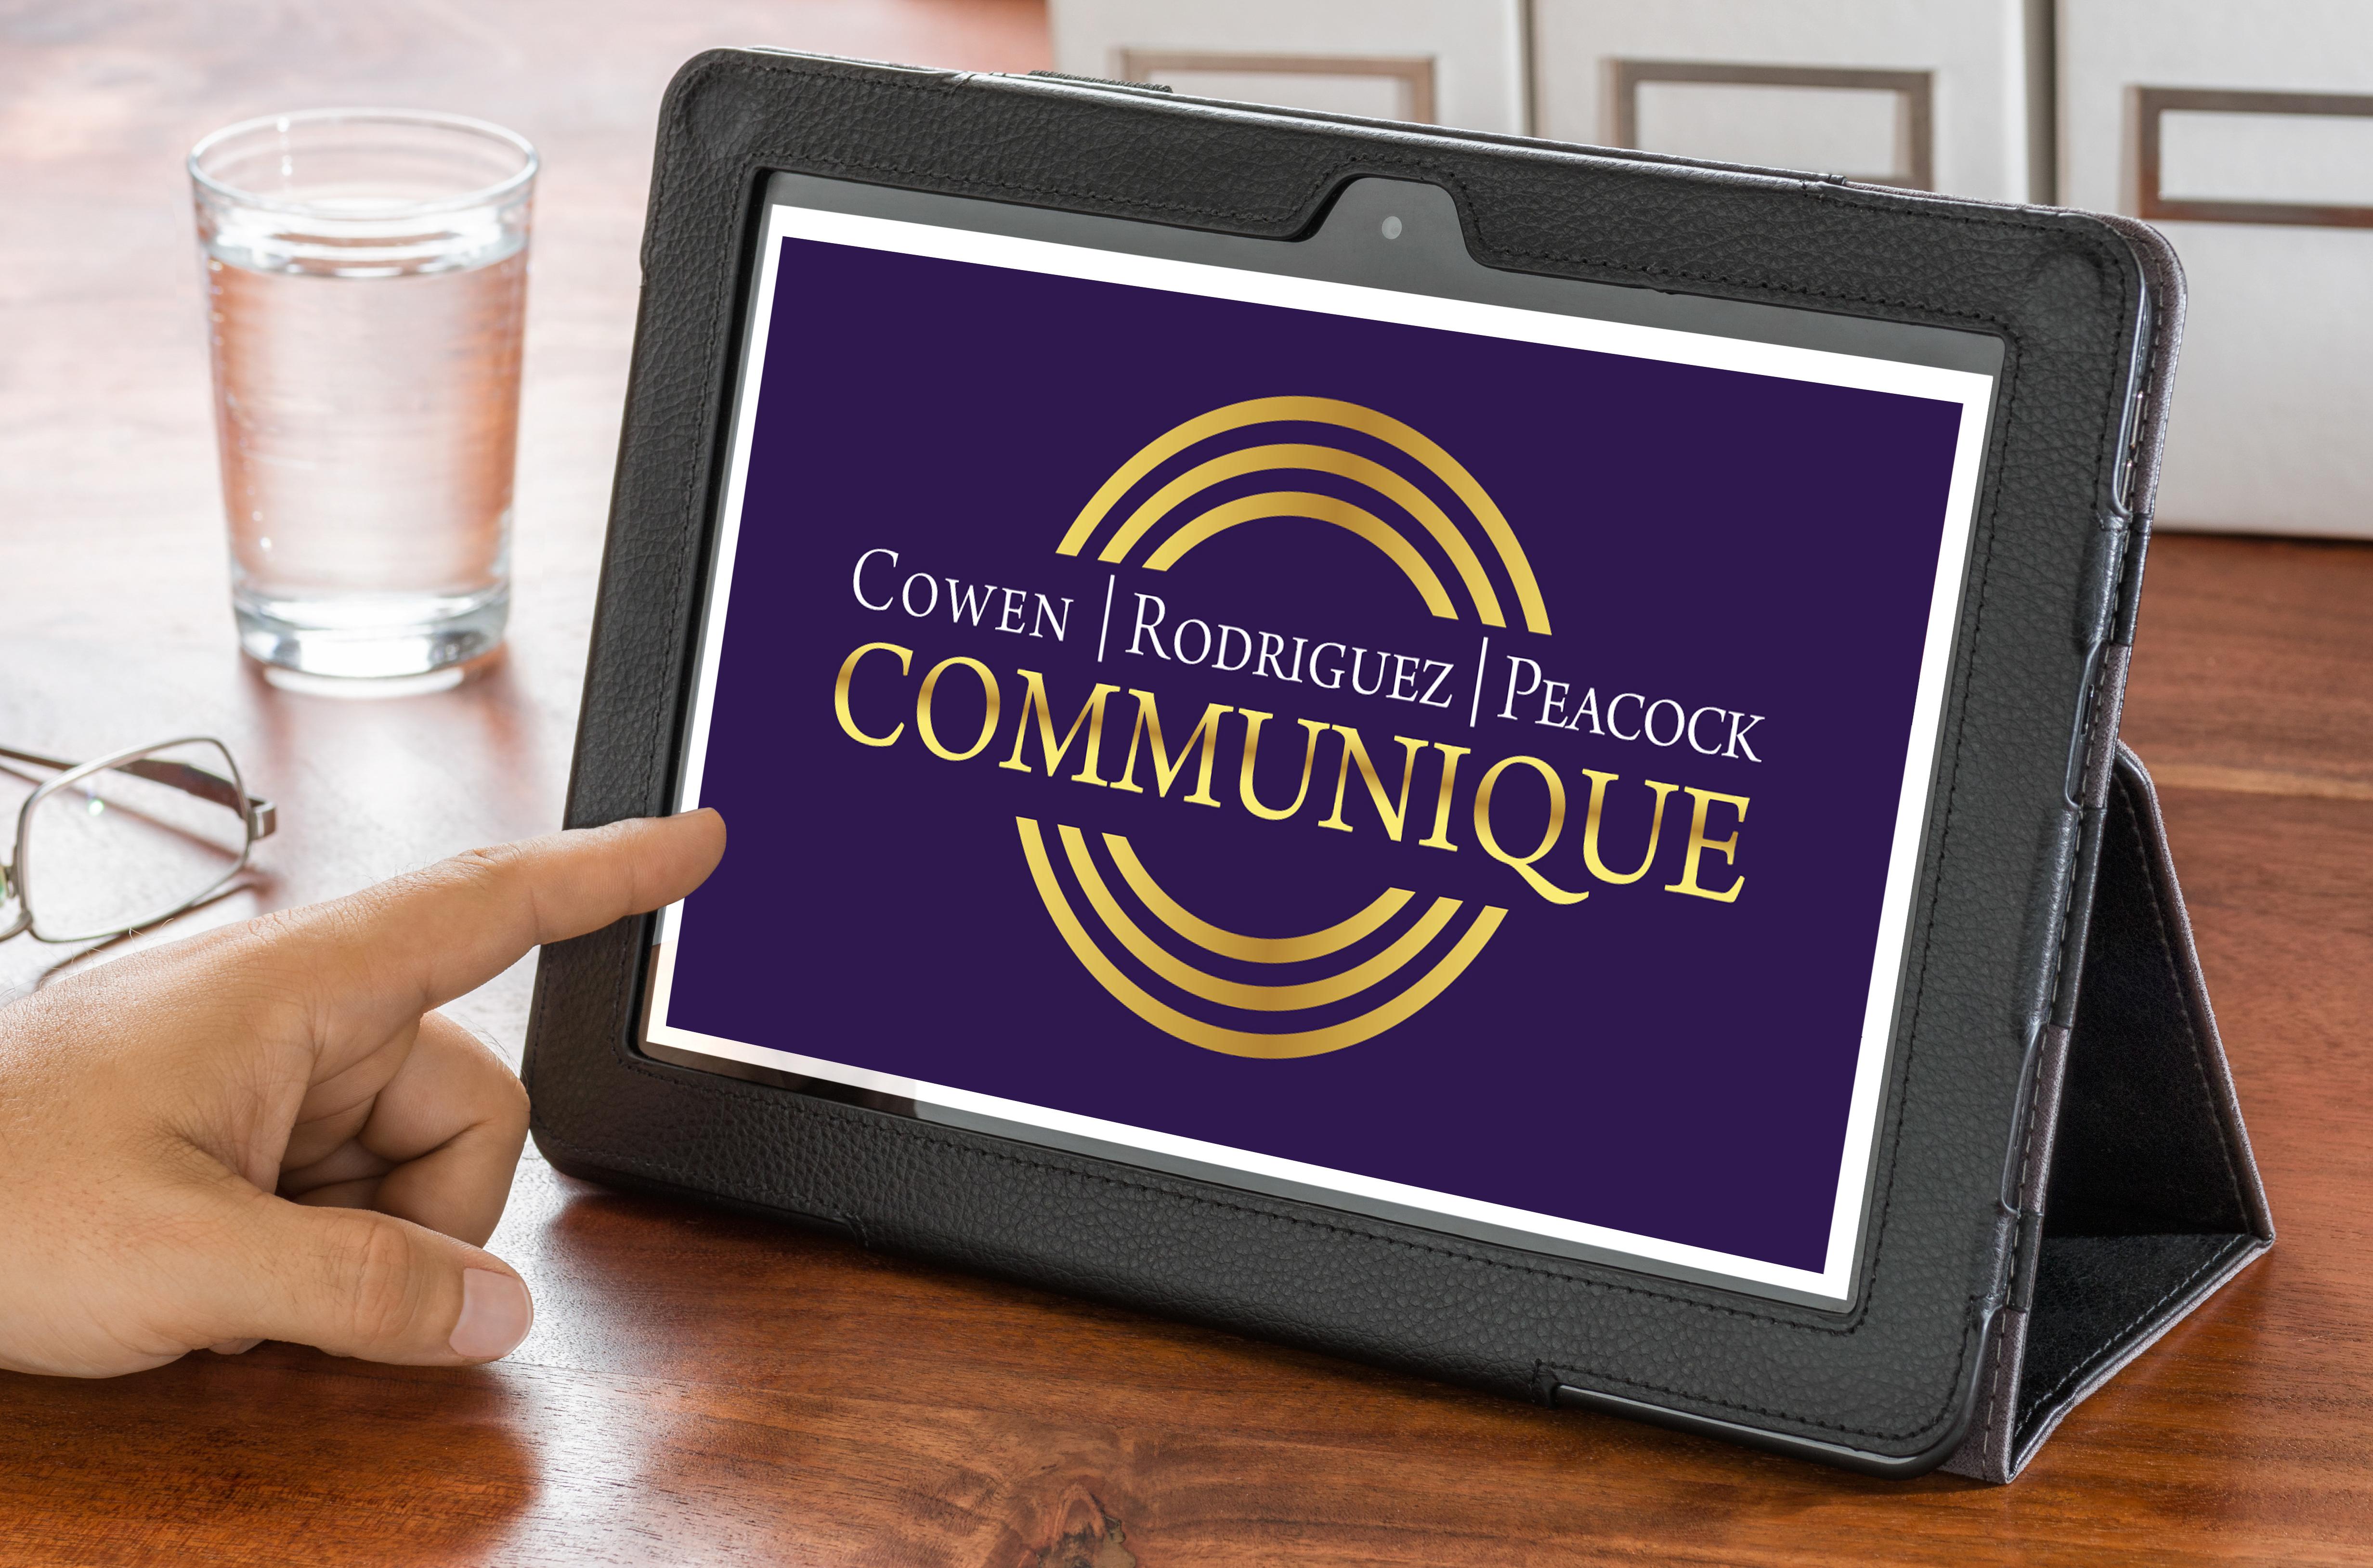 Communique on Laptop